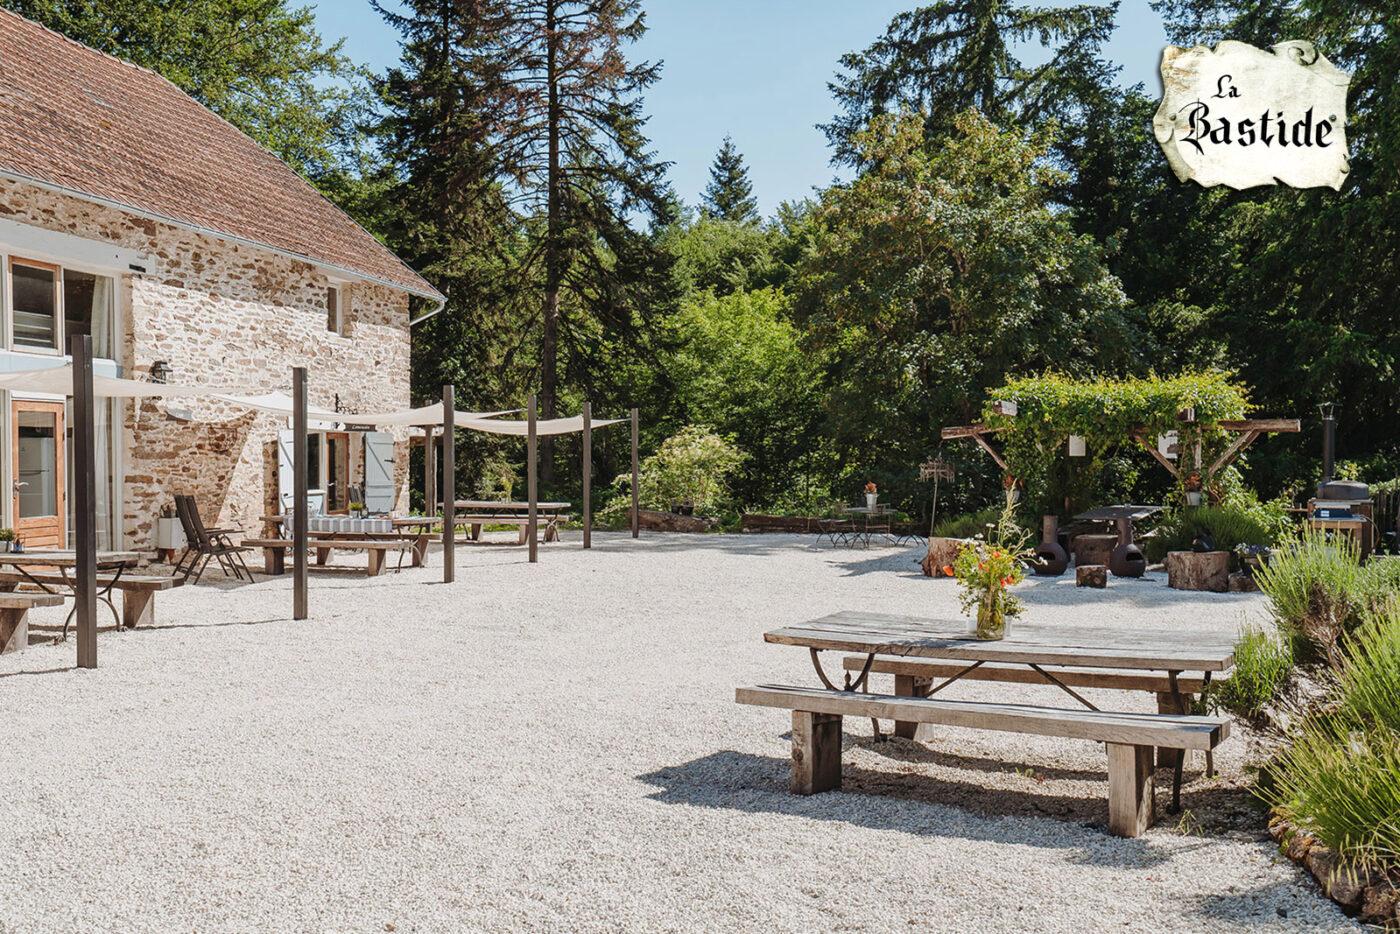 Reviews en vakantiebeoordelingen van gasten over vakantiedomein La-Bastide ruim opgezet sfeervol top vakantieplek!